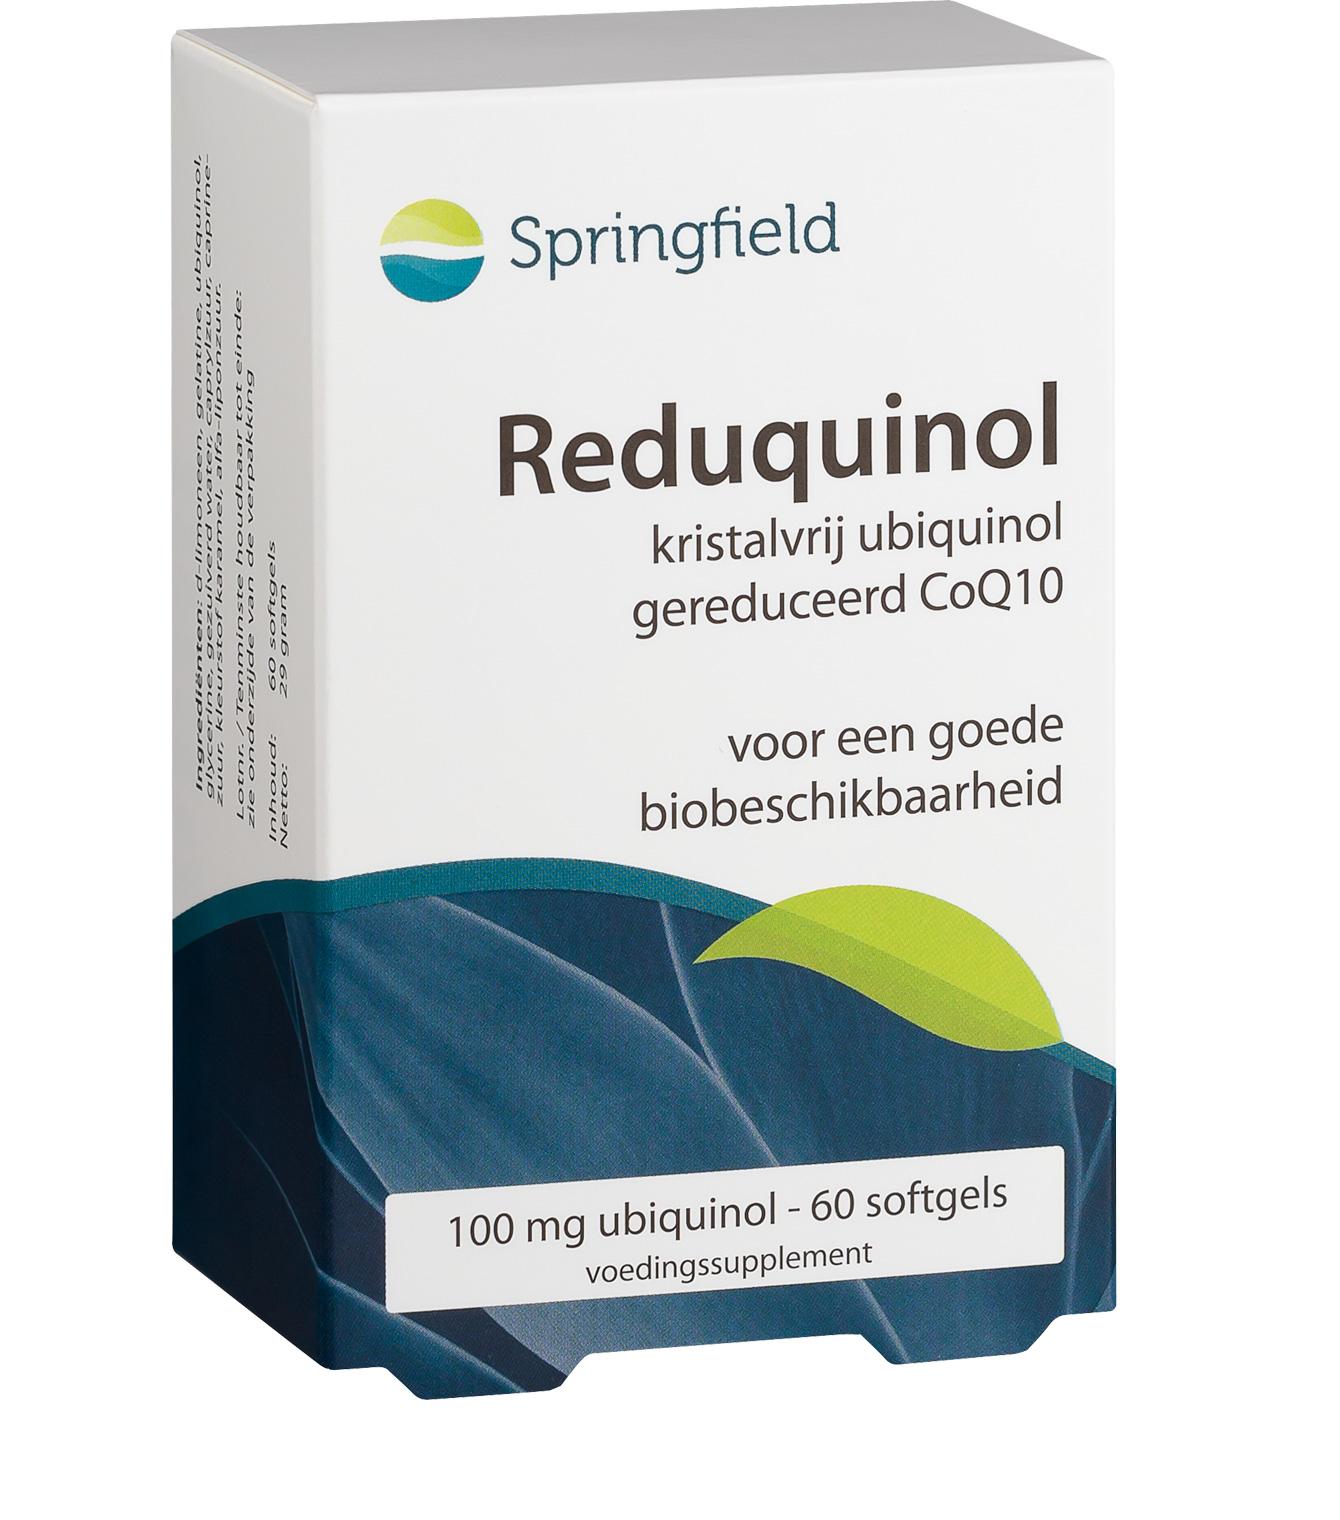 Reduquinol kristalvrij co-enzyme Q10